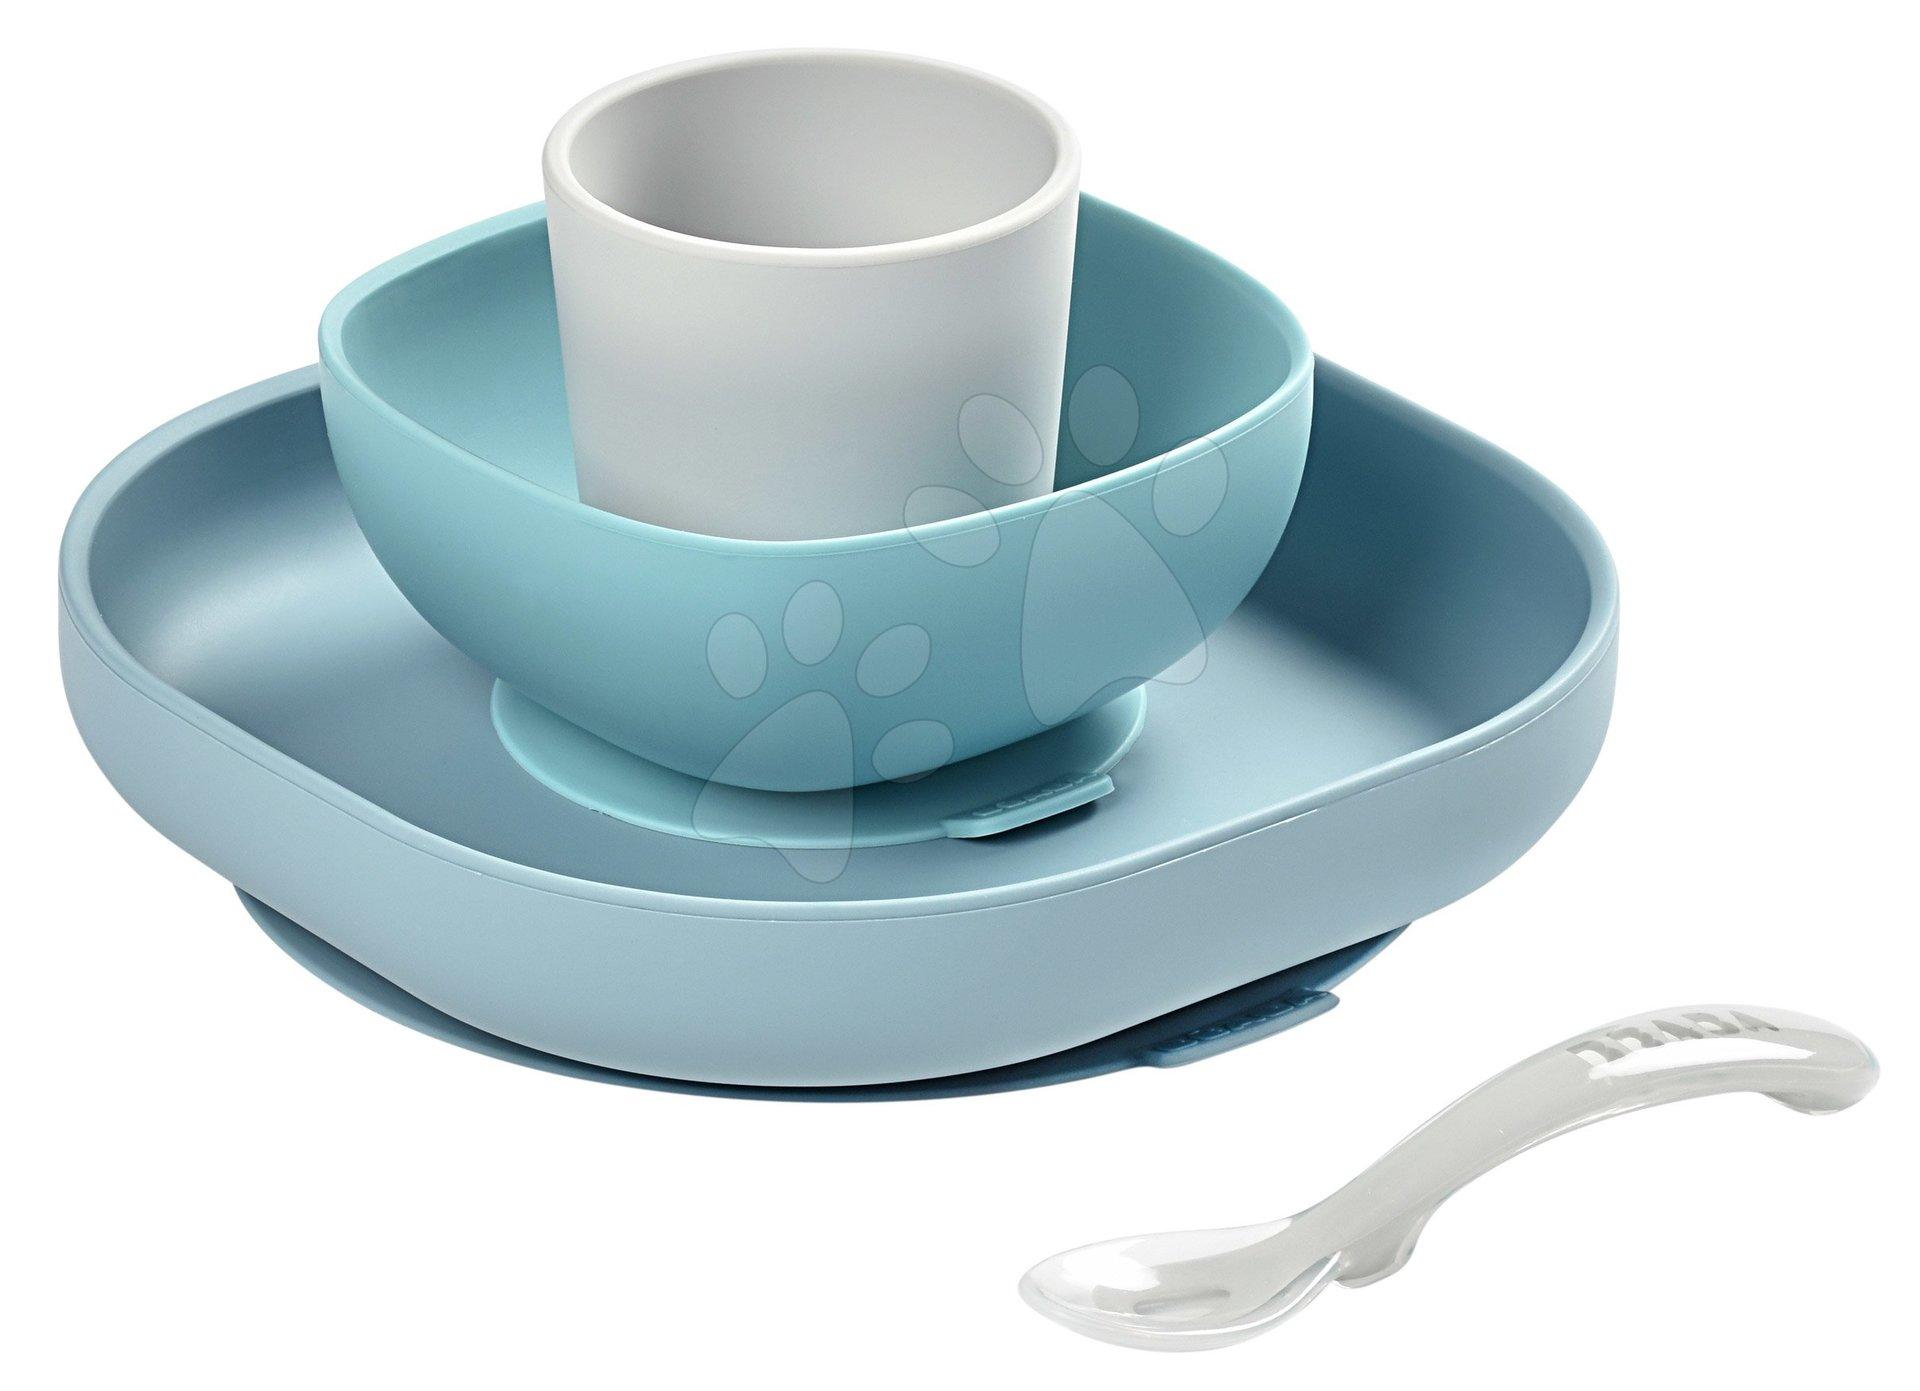 Jedálenská súprava Silicone Meal Set Beaba zo silikónu 4-dielna modrá pre bábätká od 4 mes